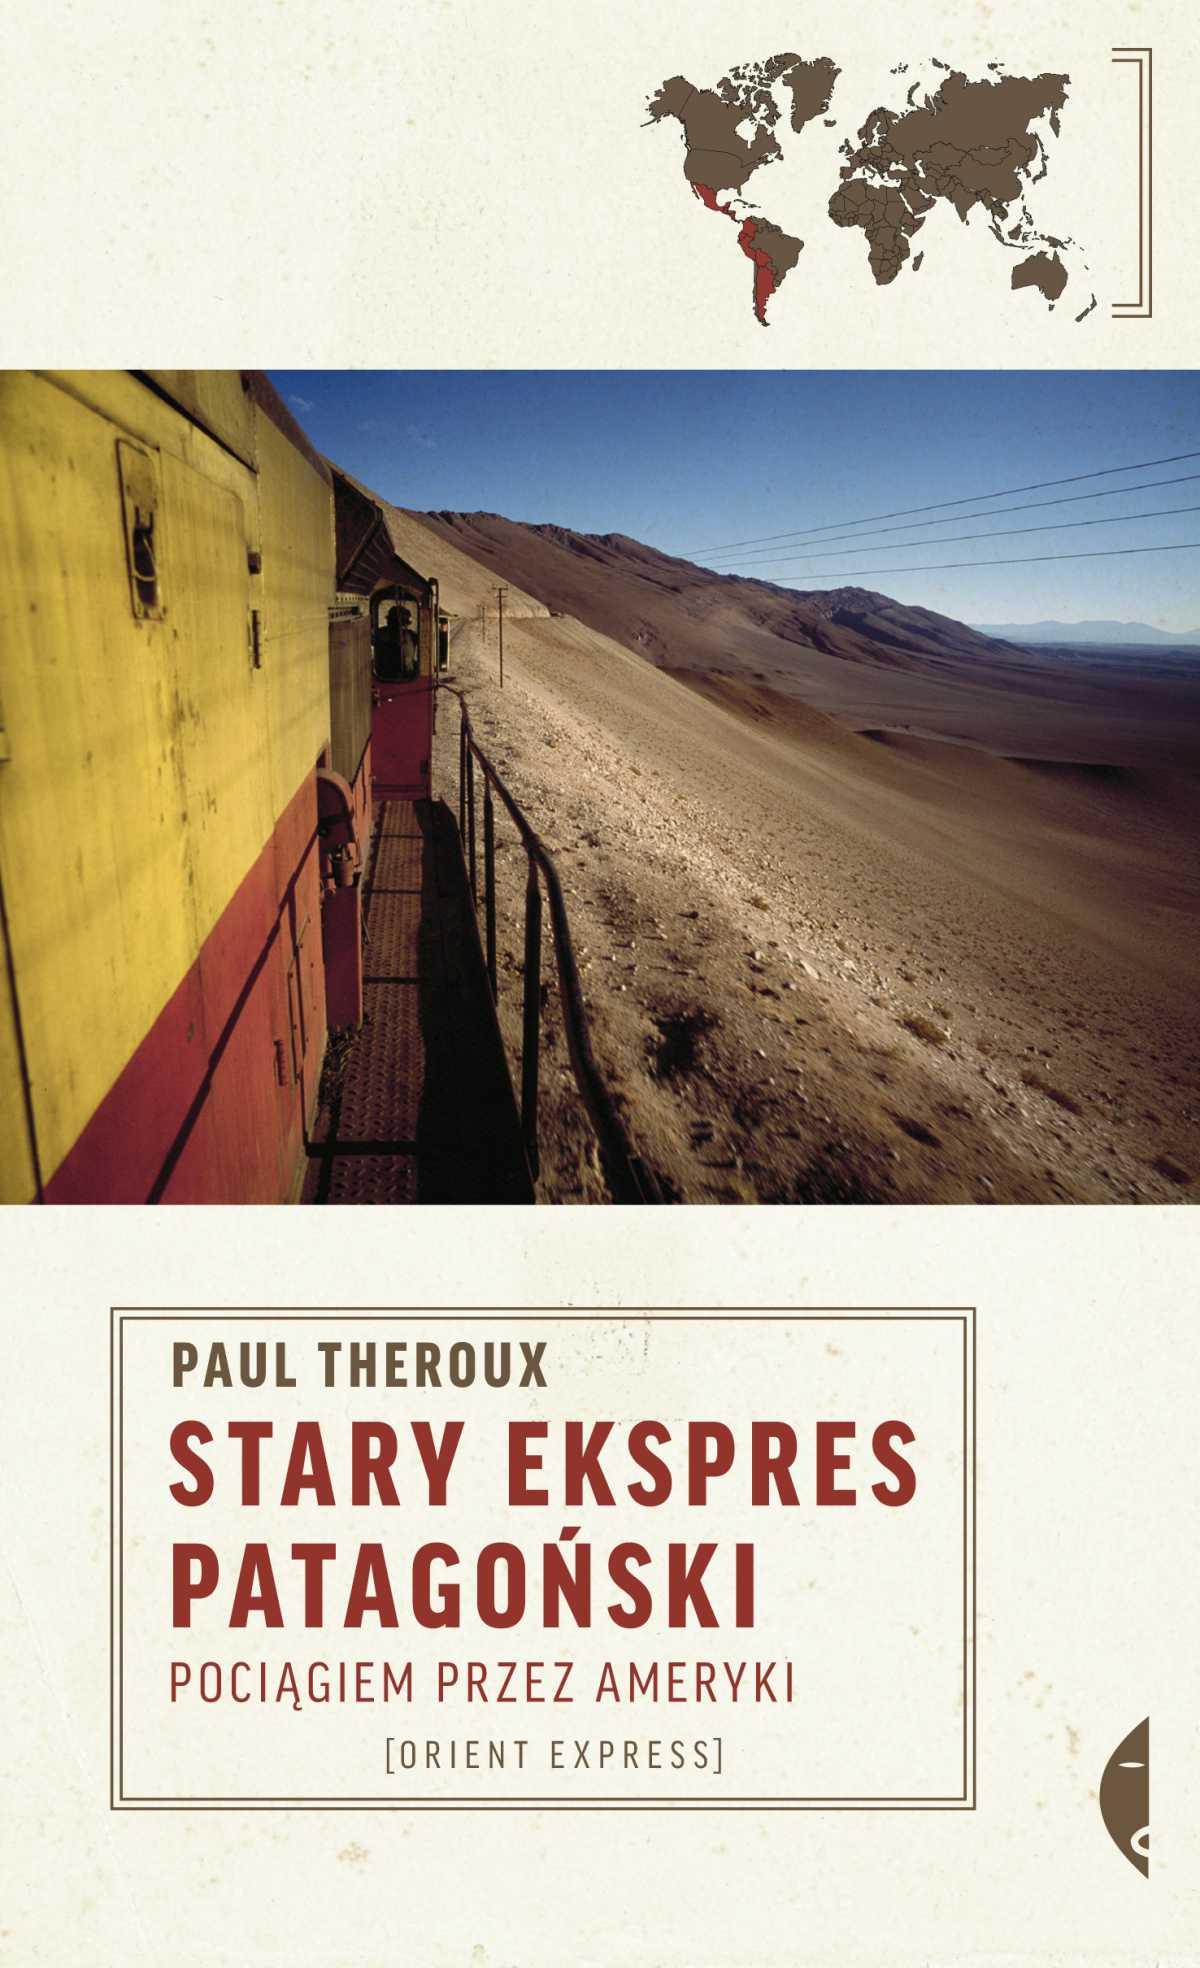 Stary Ekspres Patagoński. Pociągiem przez Ameryki - Ebook (Książka na Kindle) do pobrania w formacie MOBI